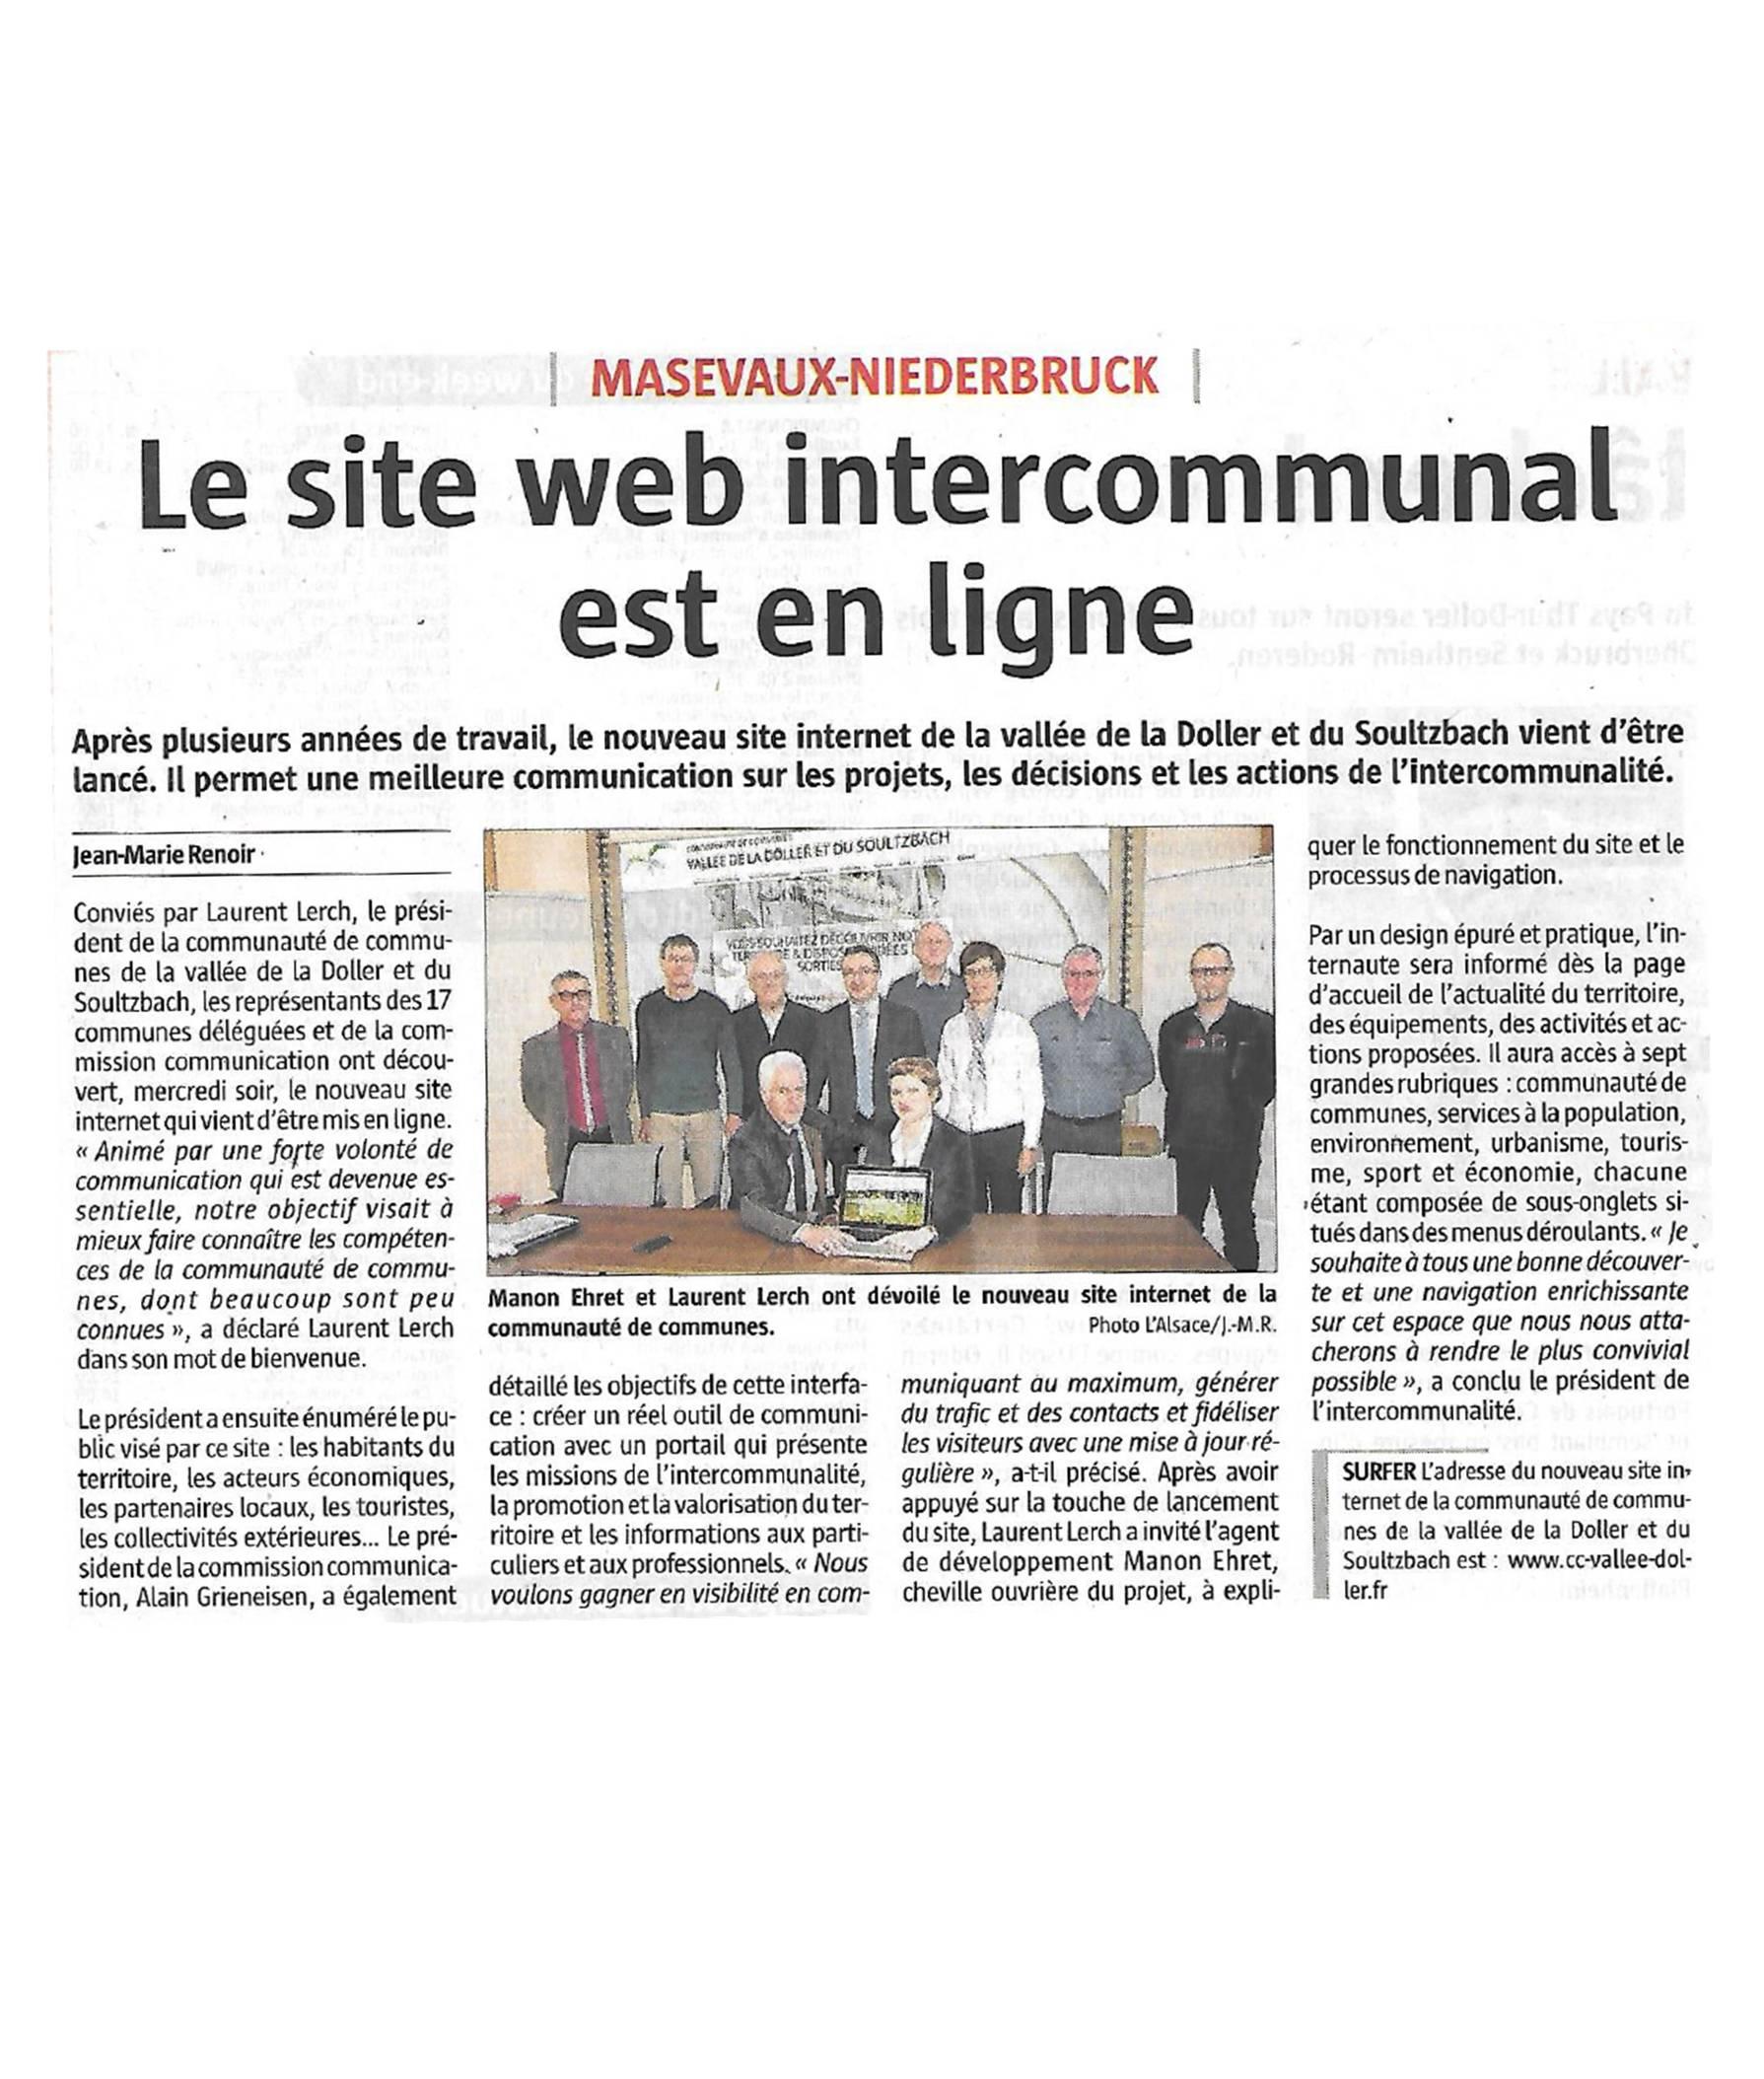 Lancement d'un nouveau site web - L'Alsace